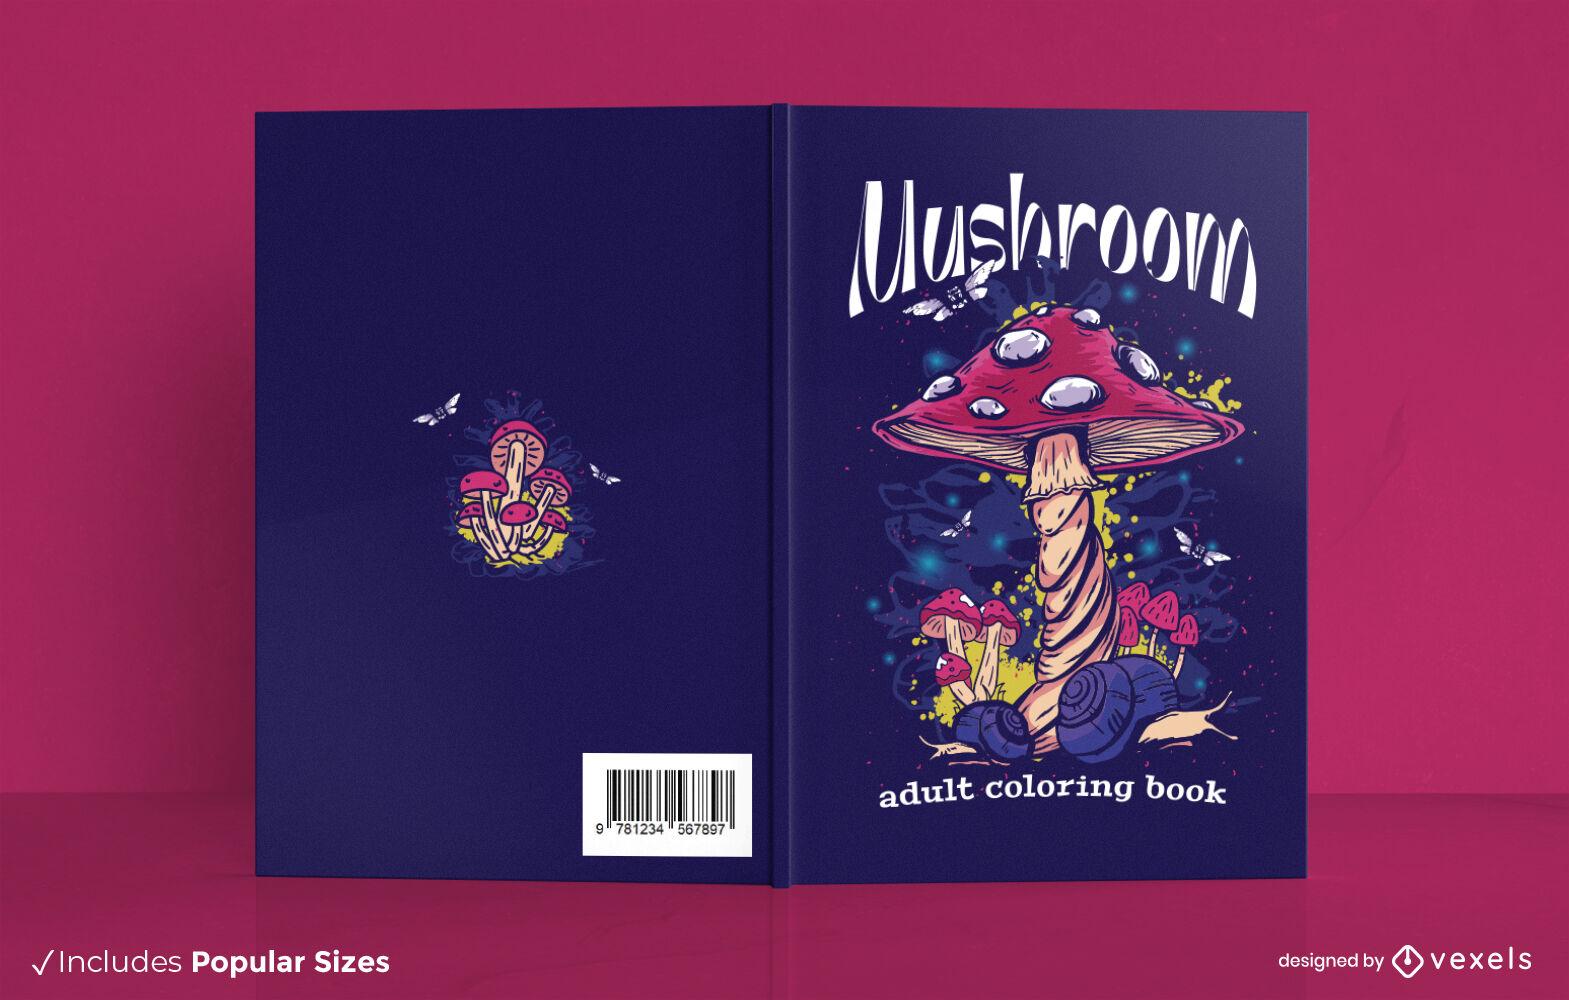 Excelente design de capa de livro para colorir em forma de cogumelo